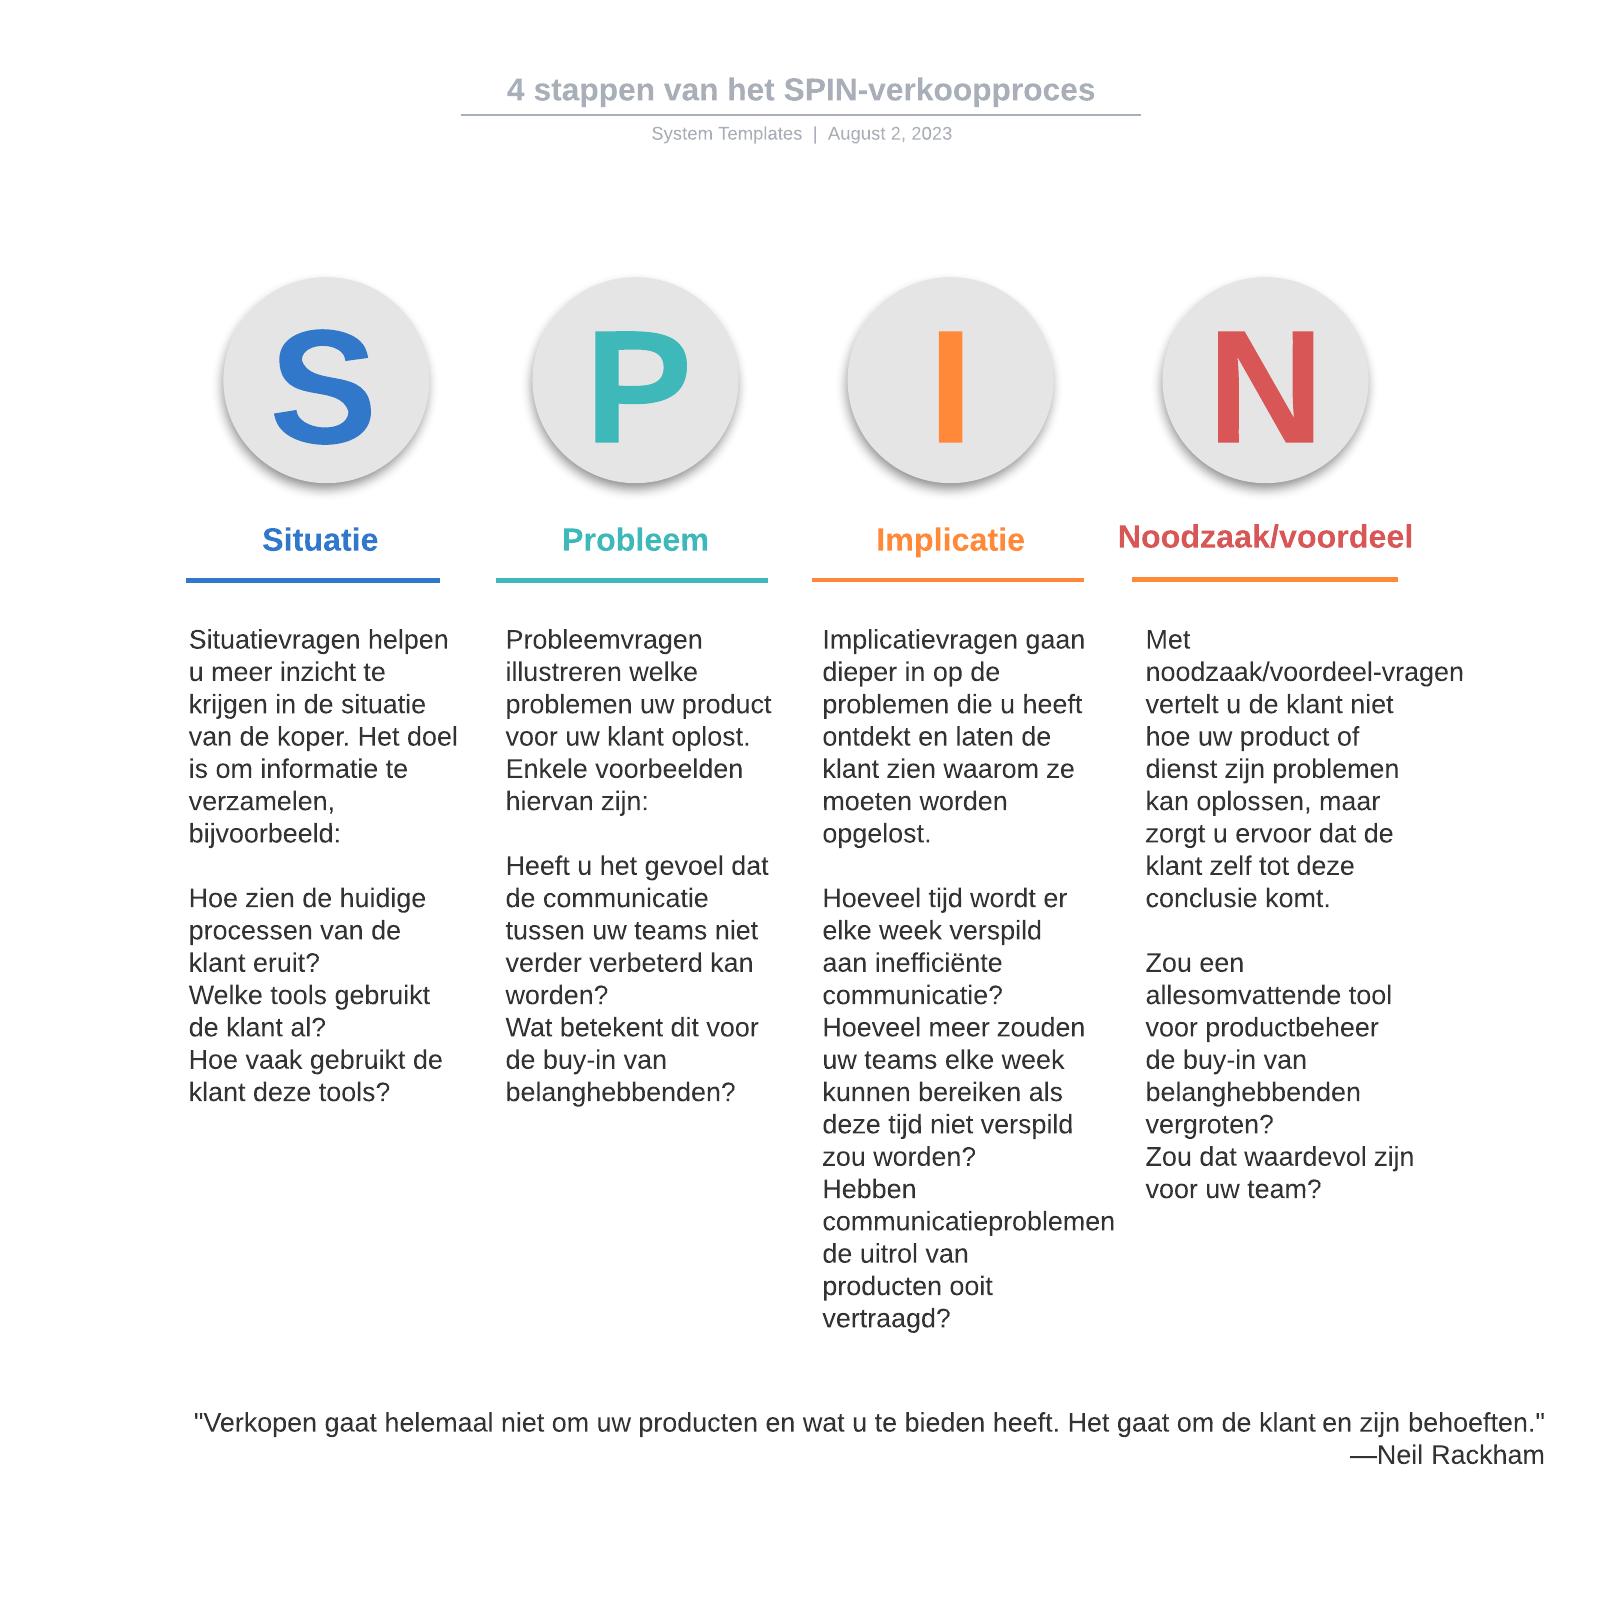 4 stappen van het SPIN-verkoopproces